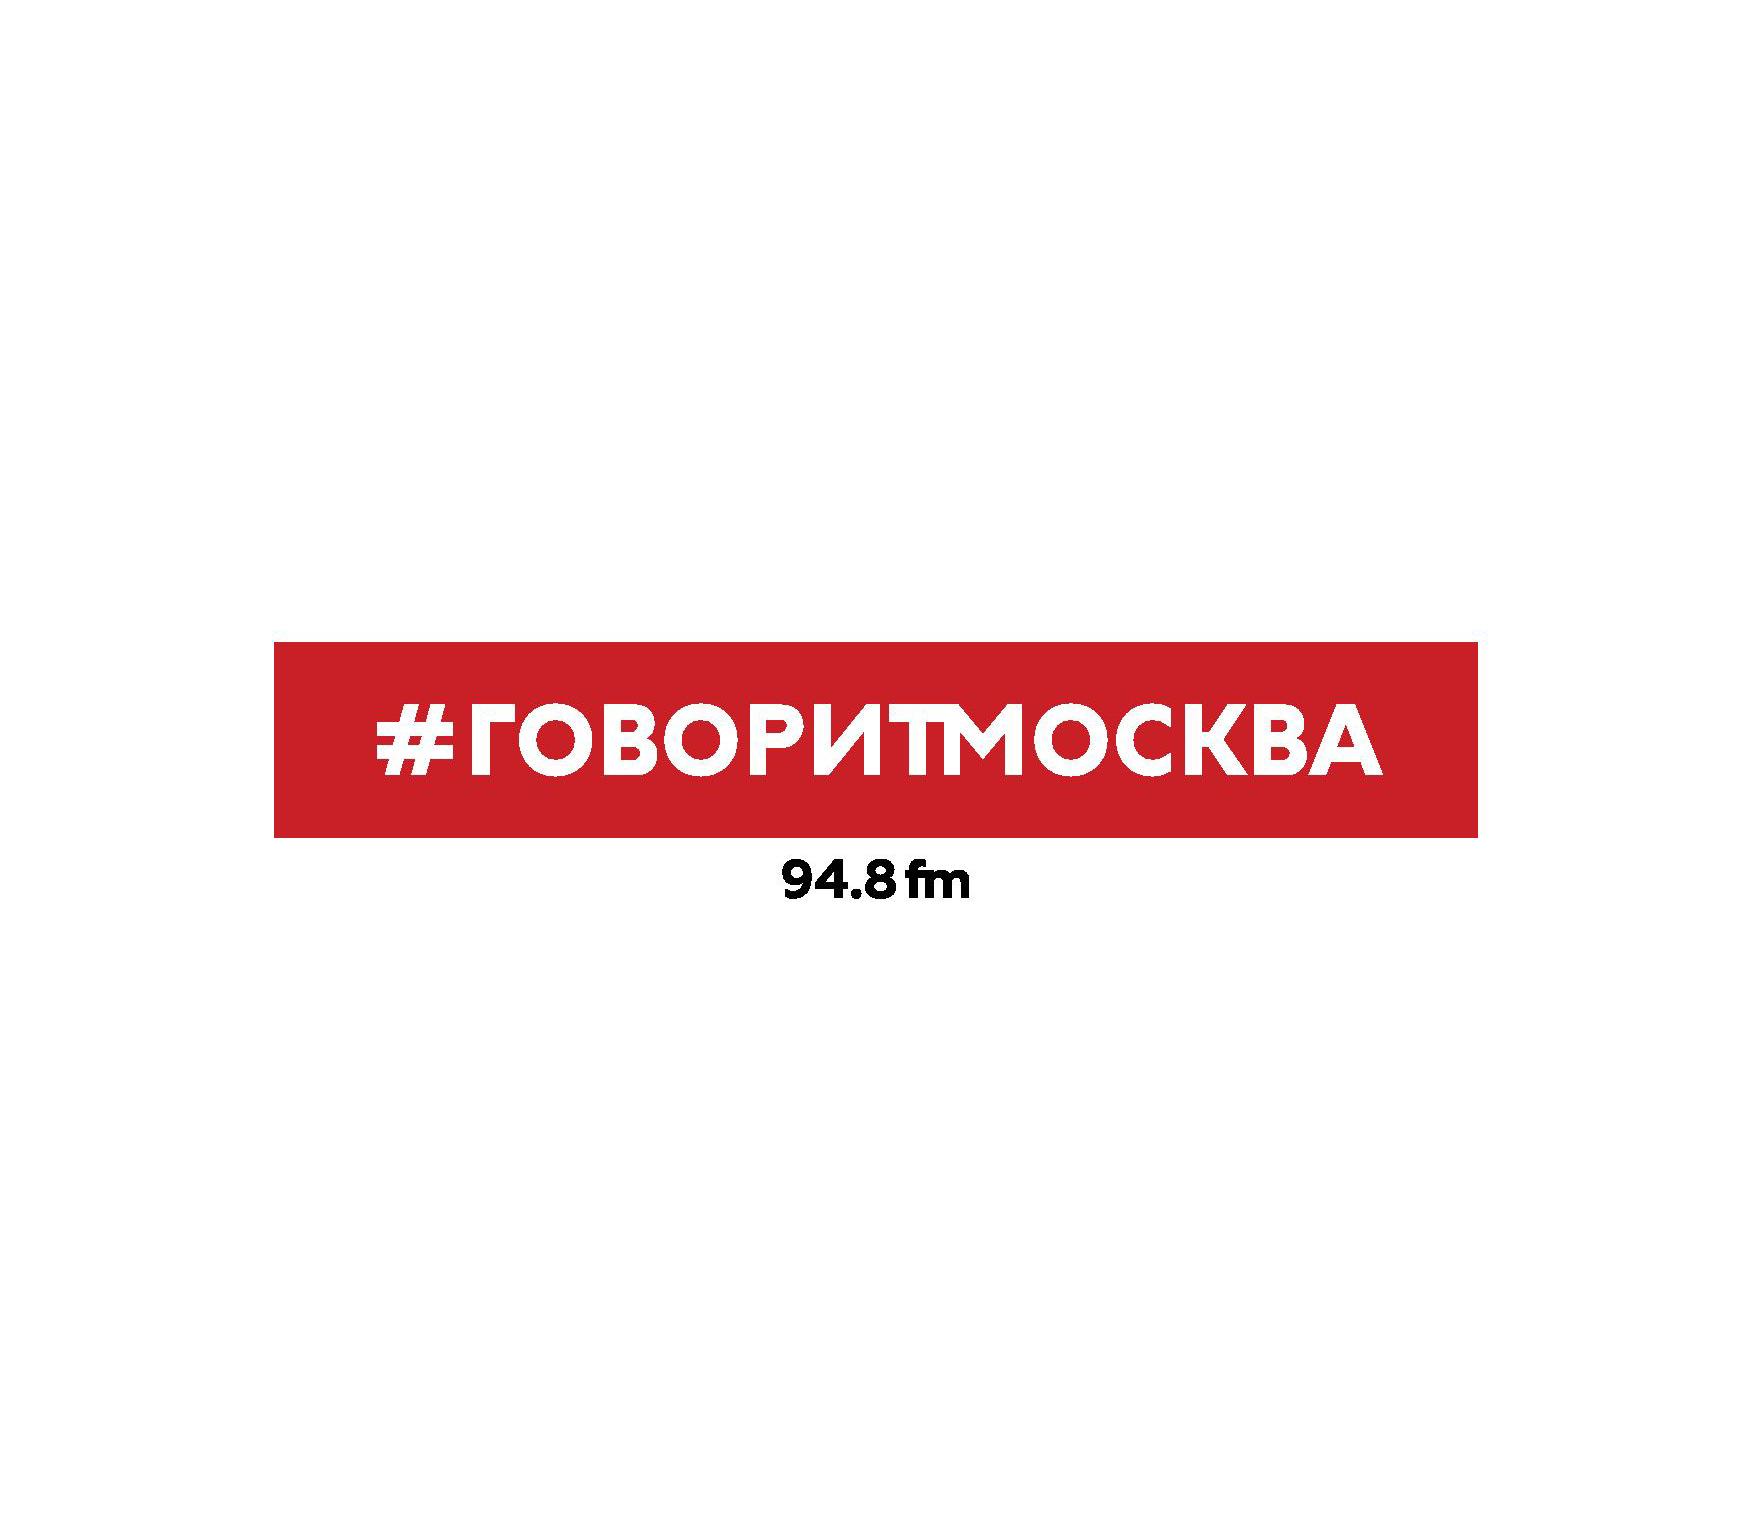 Макс Челноков 12 марта. Айдер Муждабаев макс челноков 23 марта авигдор эскин